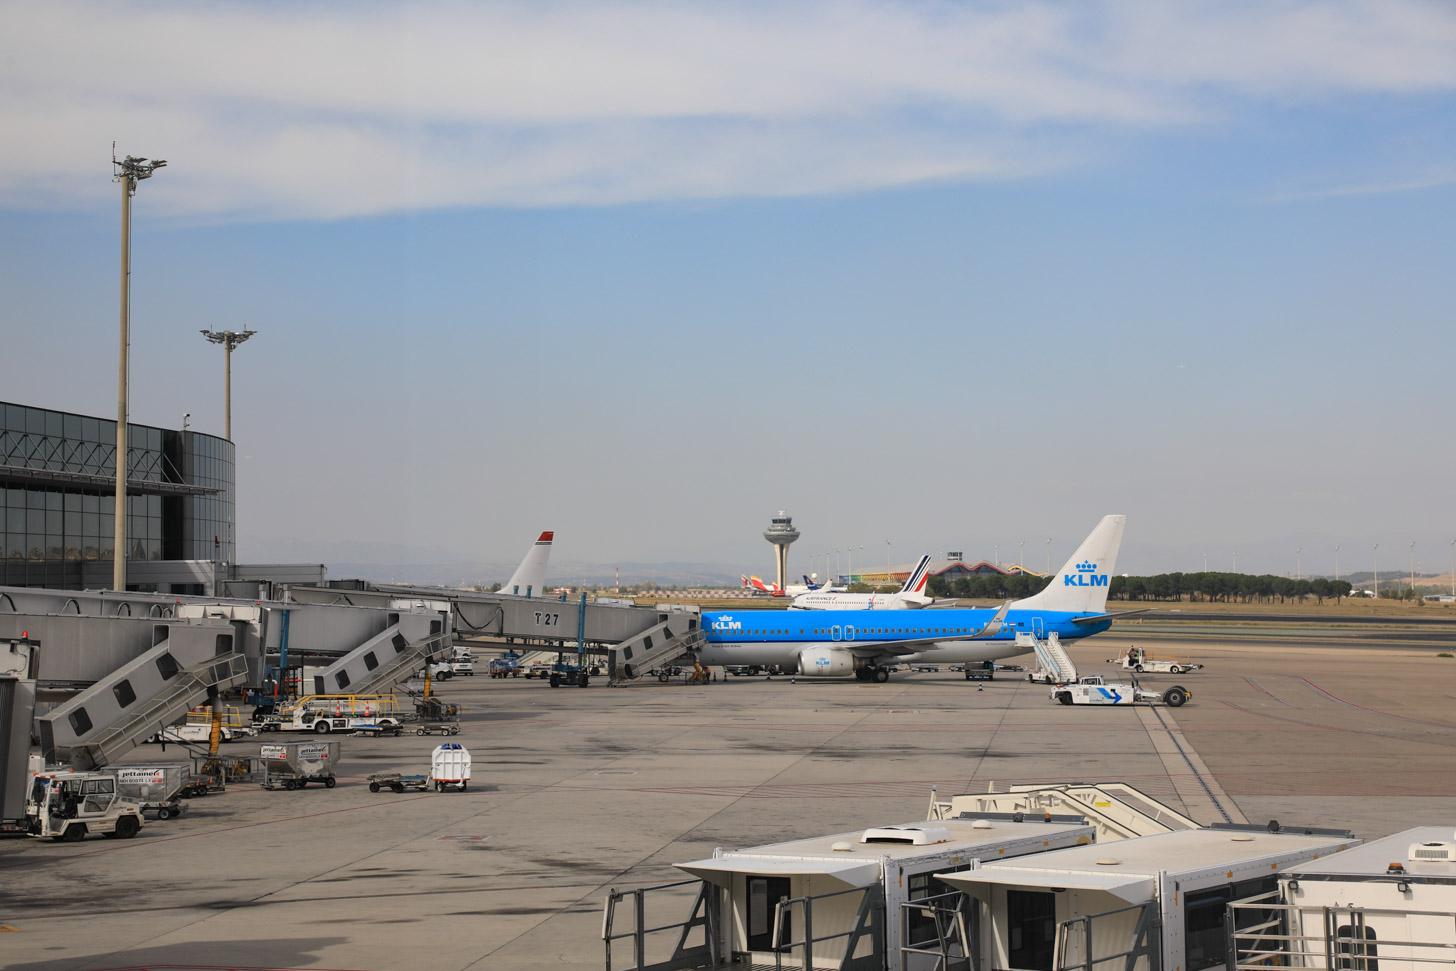 Een KLM vliegtuig staat aan de gate op de luchthaven van Madrid.